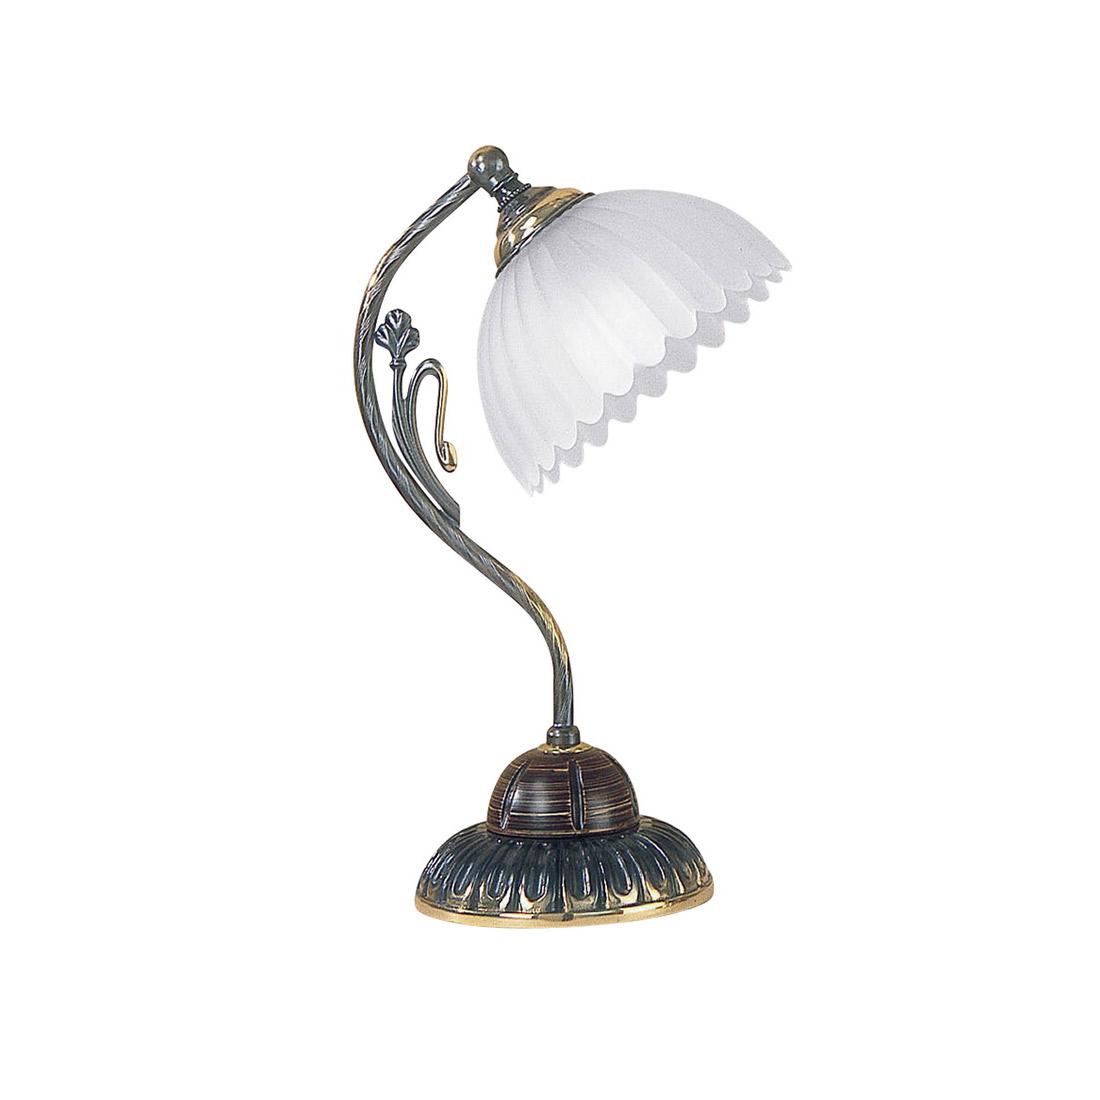 Настольная лампа Reccagni Angelo P 1805 Bronze 2805 настольная лампа reccagni angelo p 1805